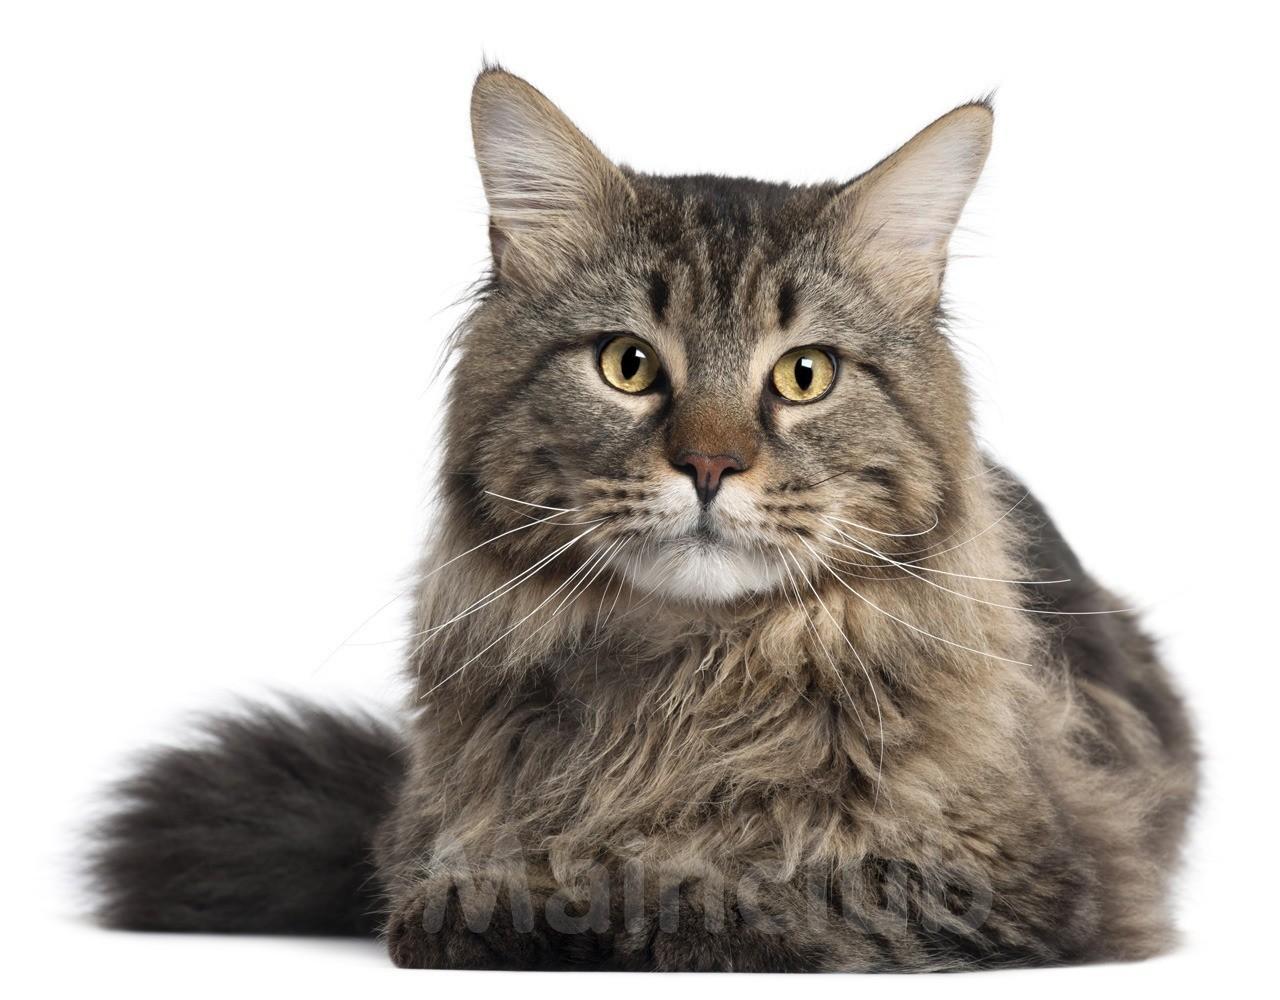 у знакомого глаза как кошки